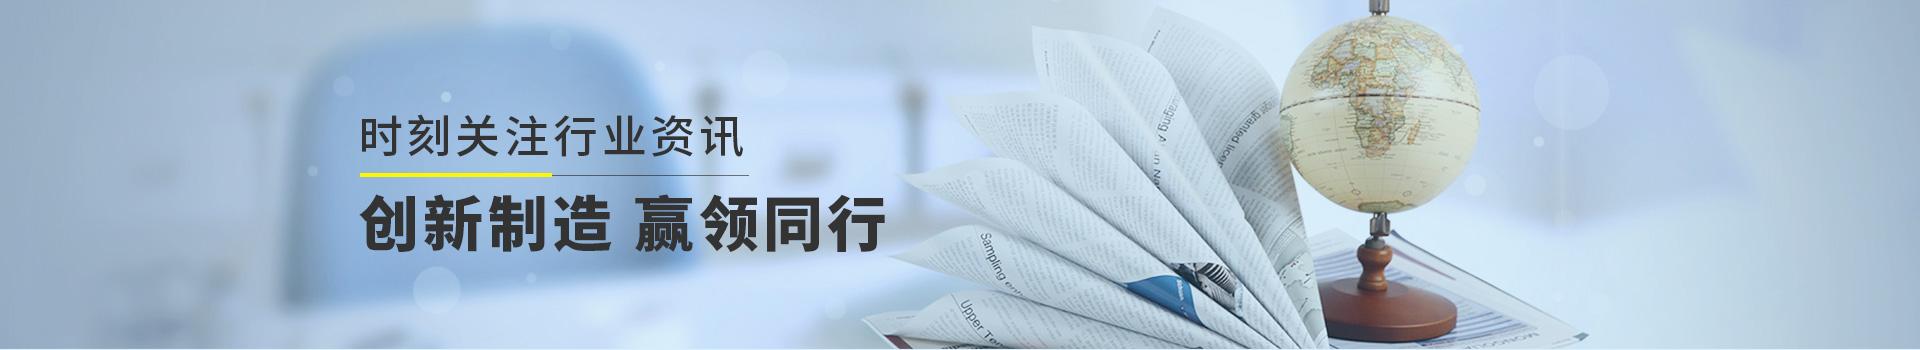 旭瑞网业新闻资讯